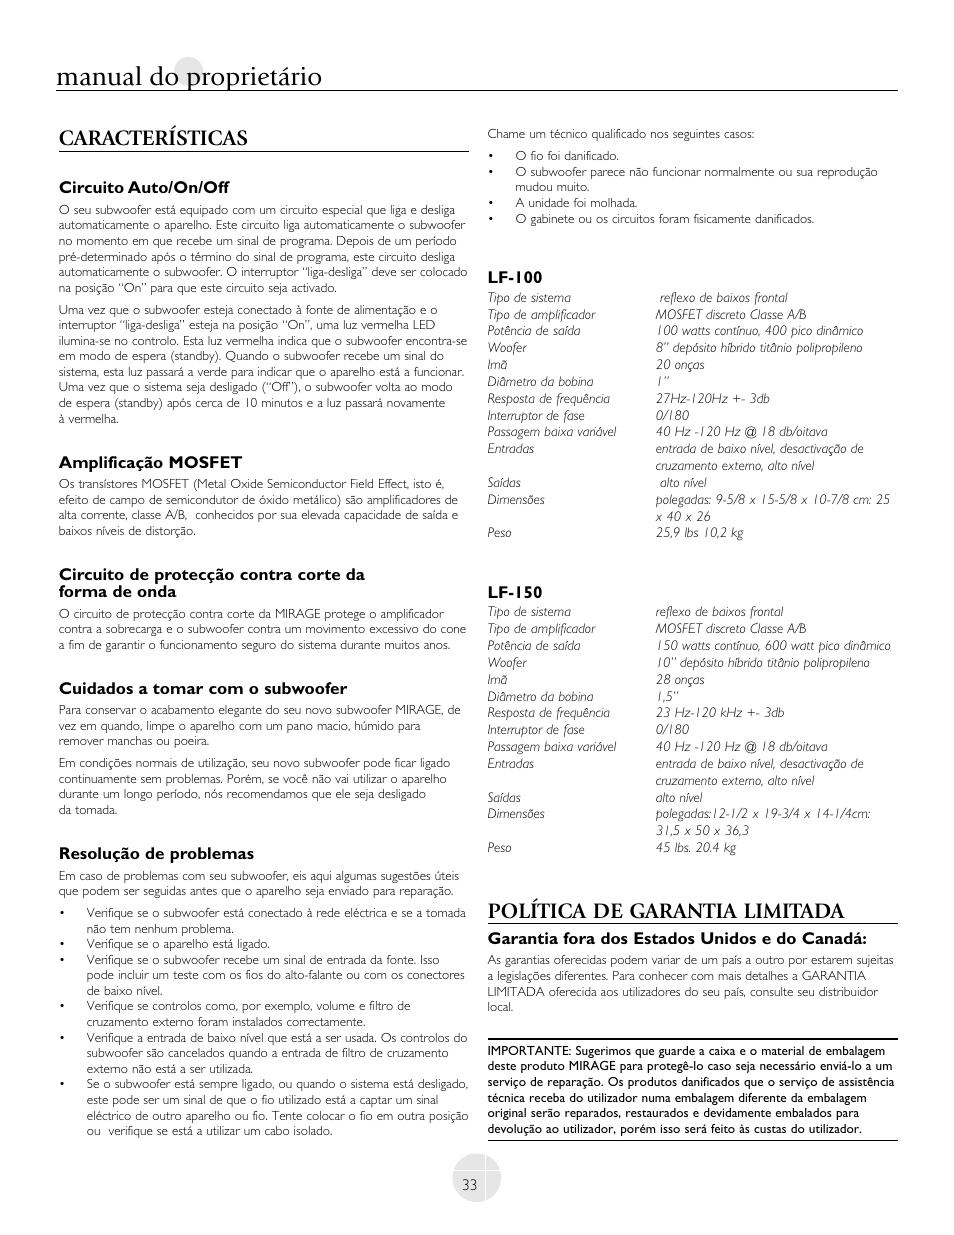 manual do propriet rio caracter sticas pol tica de garantia rh manualsdir com